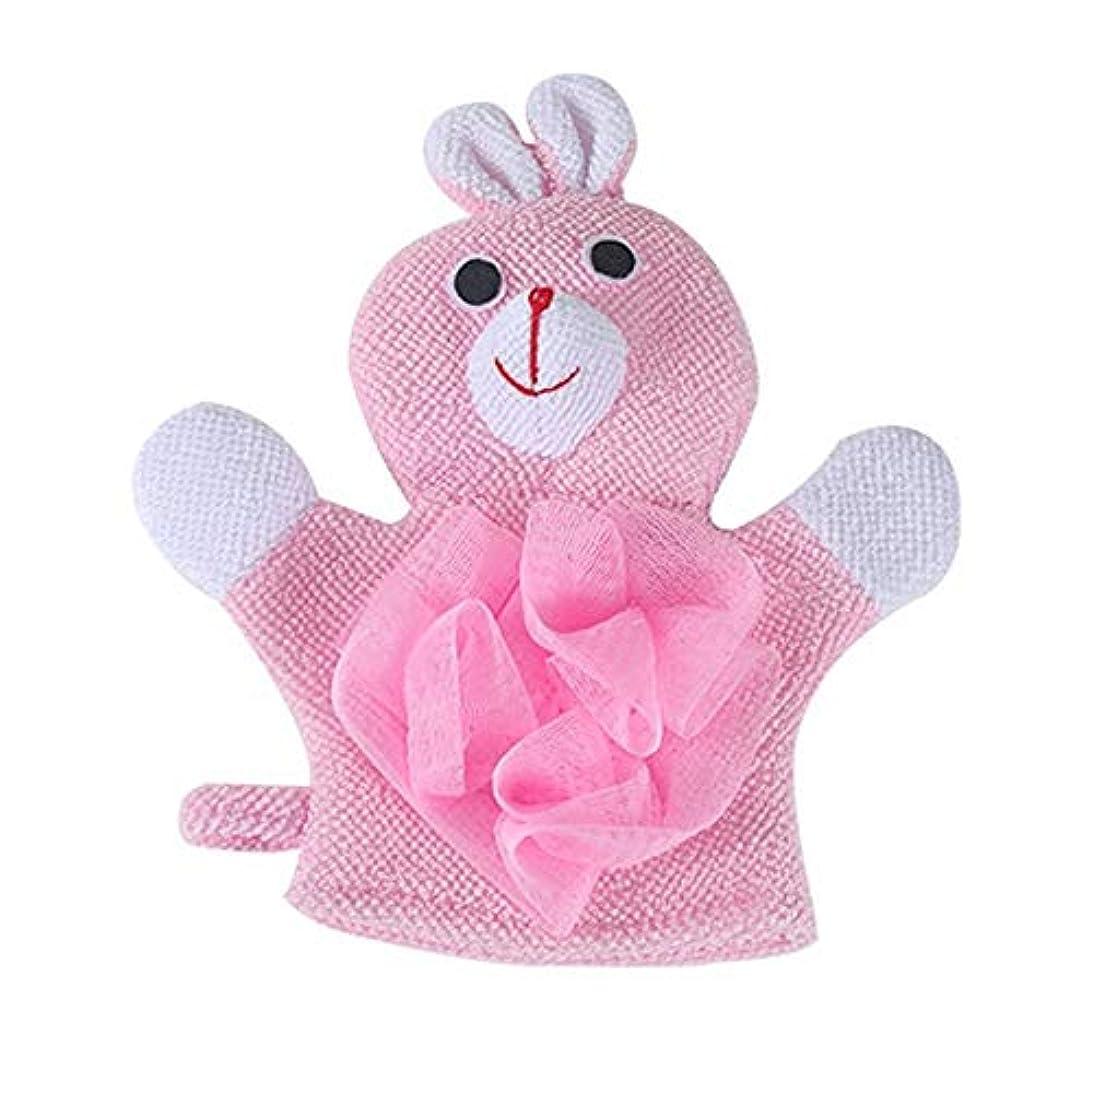 推測する本体かすれたBTXXYJP お風呂用手袋 あかすり シャワー手袋 ボディブラシ やわらか バス用品 ボディタオル 角質除去 (Color : Pink)